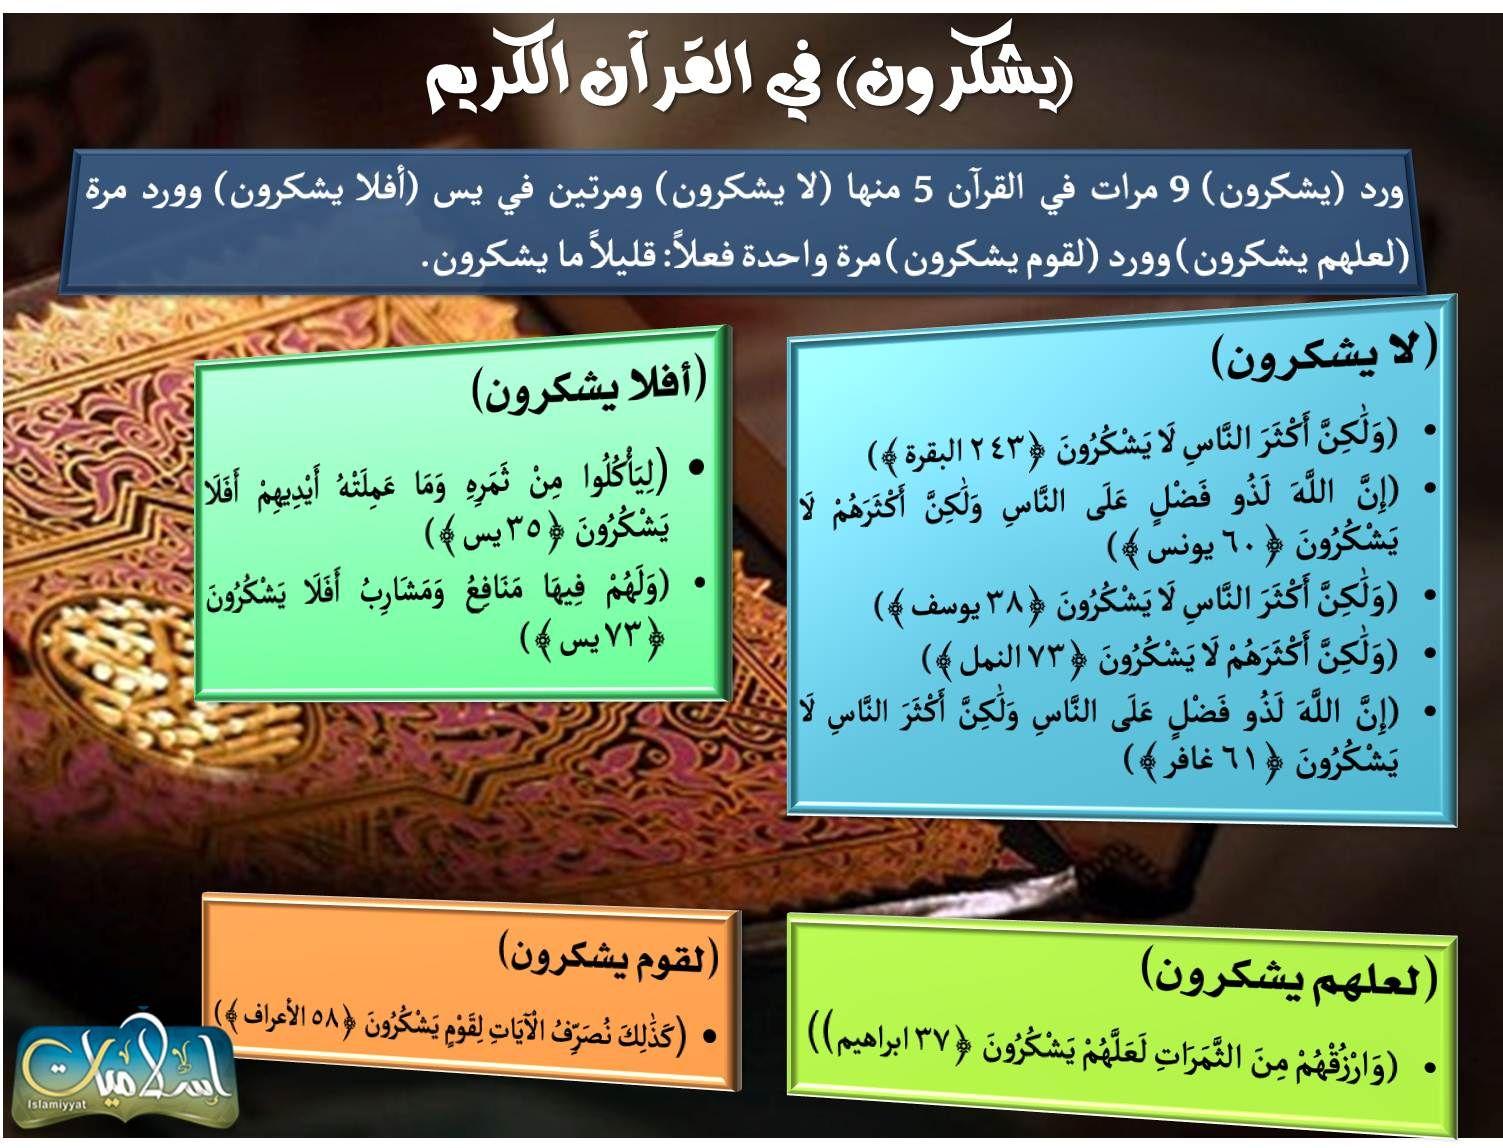 كلمة يشكرون في القران Quran Event Mind Map